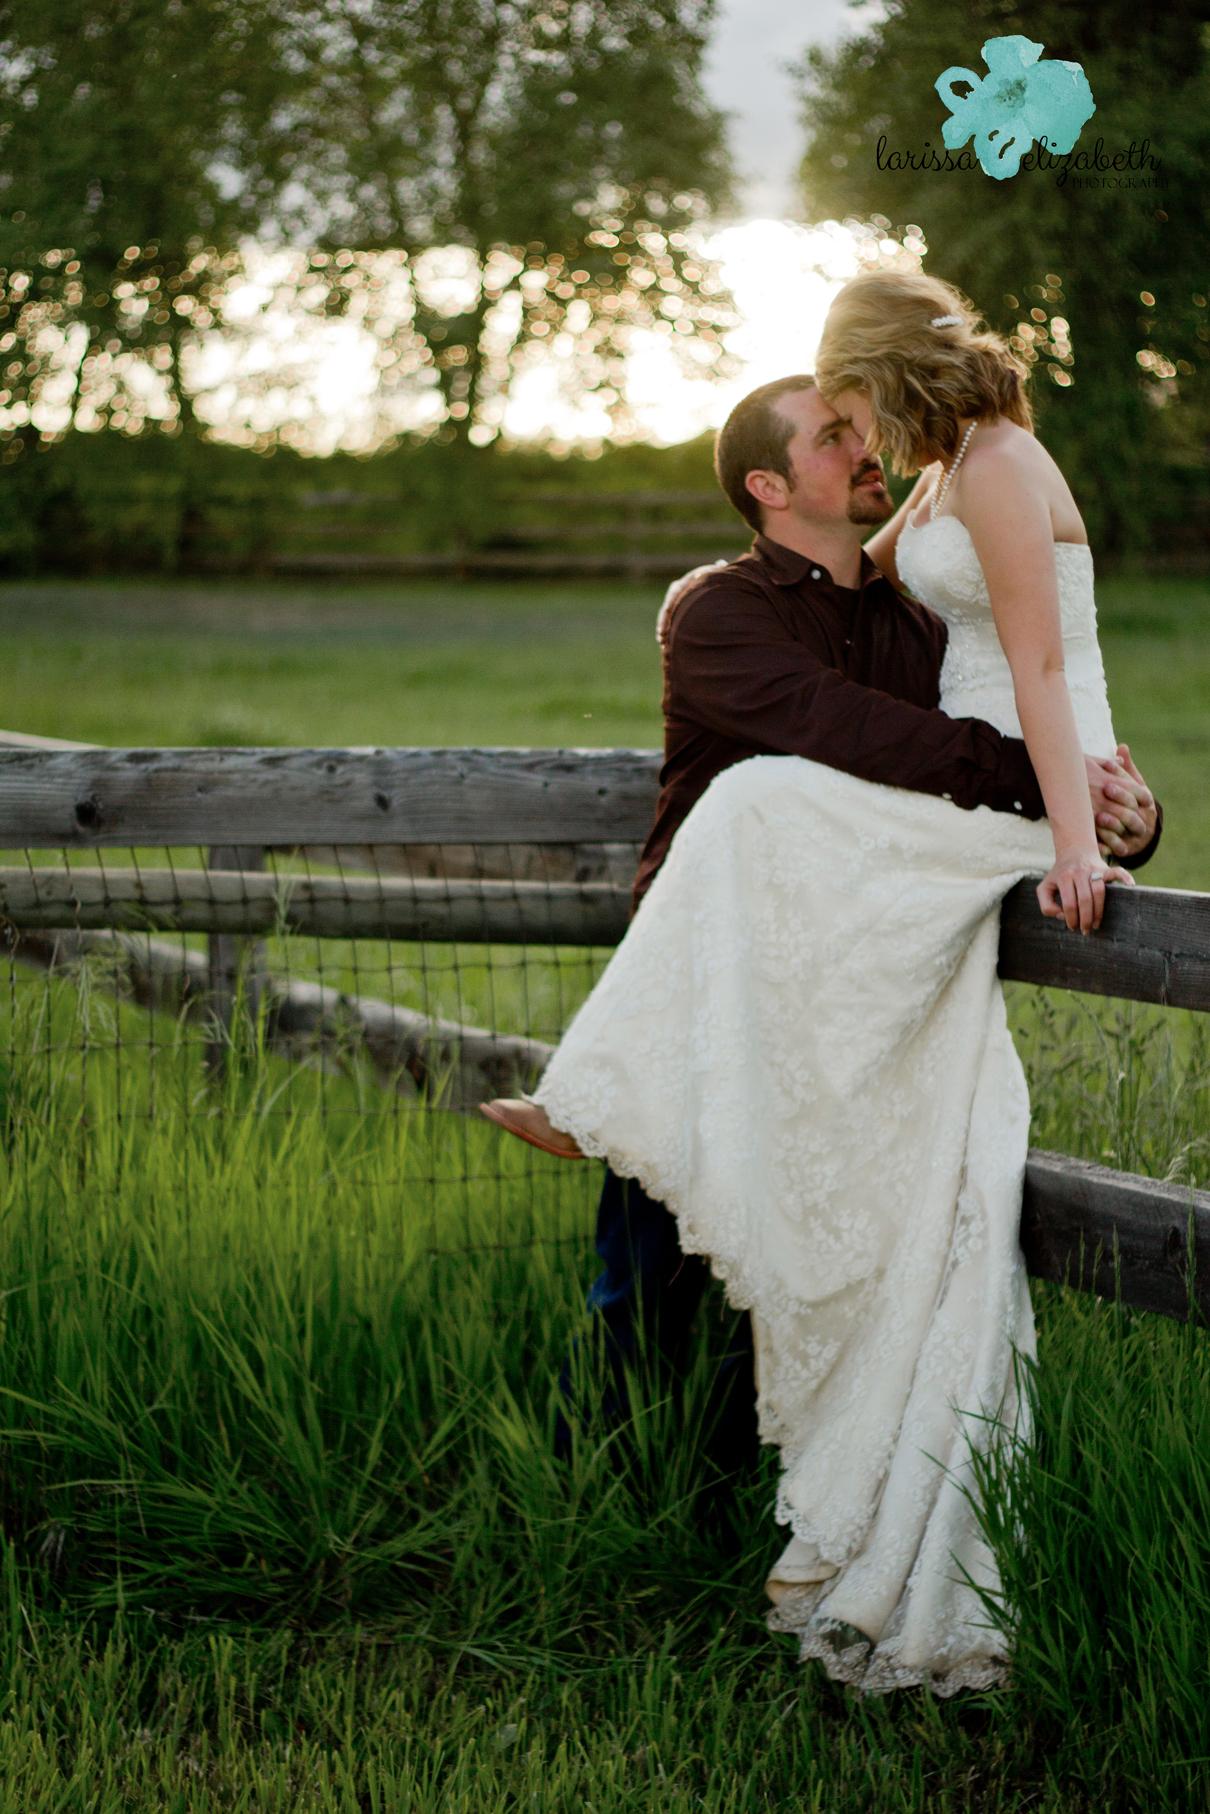 Country-Bride-Groom-1.jpg